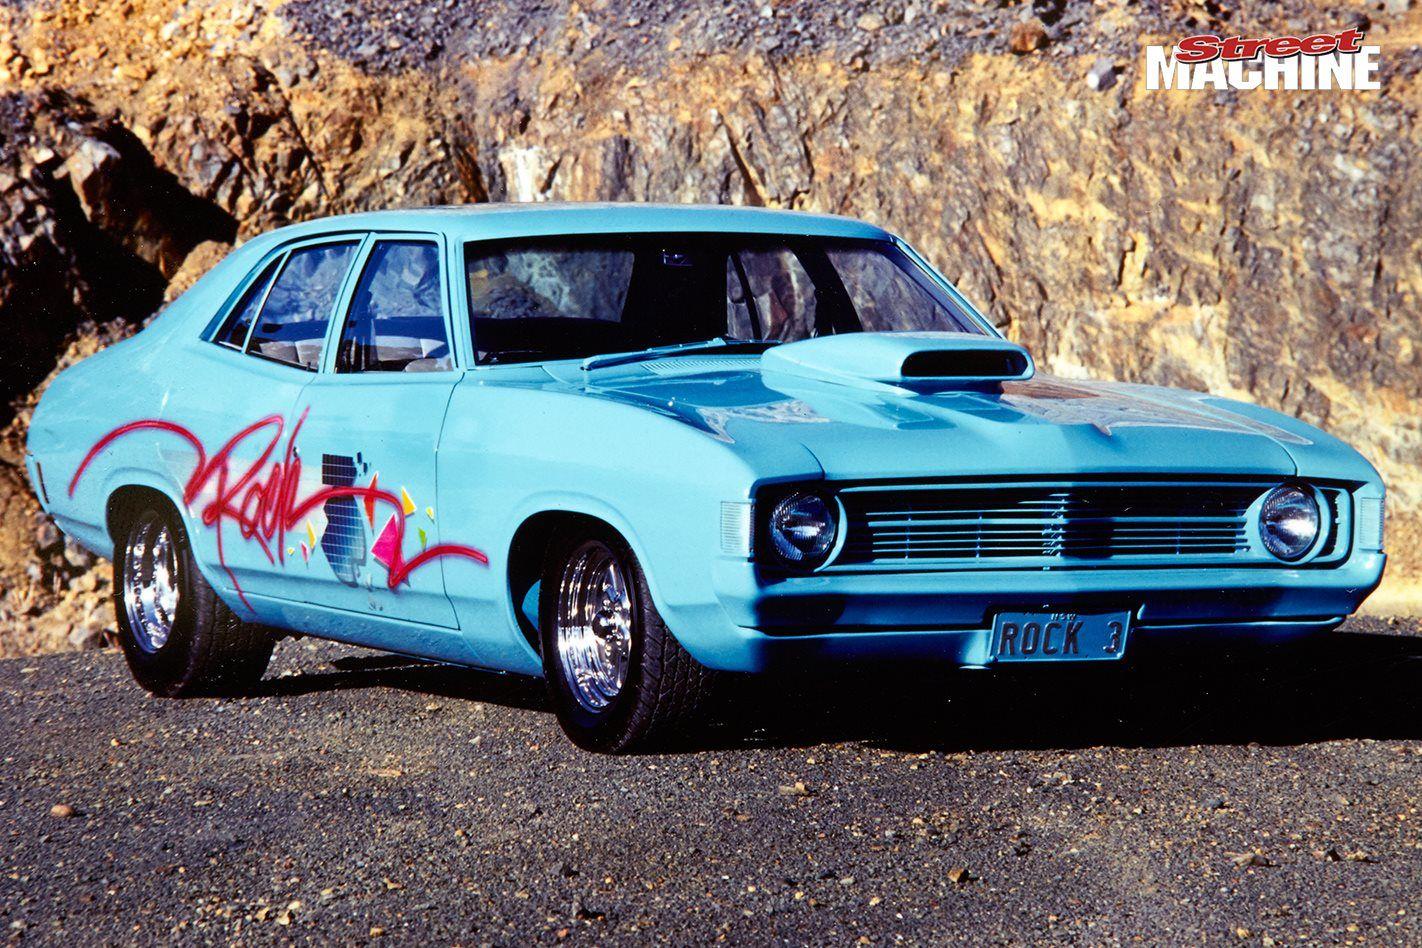 Rock Solid Xa Falcon Aussie Muscle Cars Australian Muscle Cars